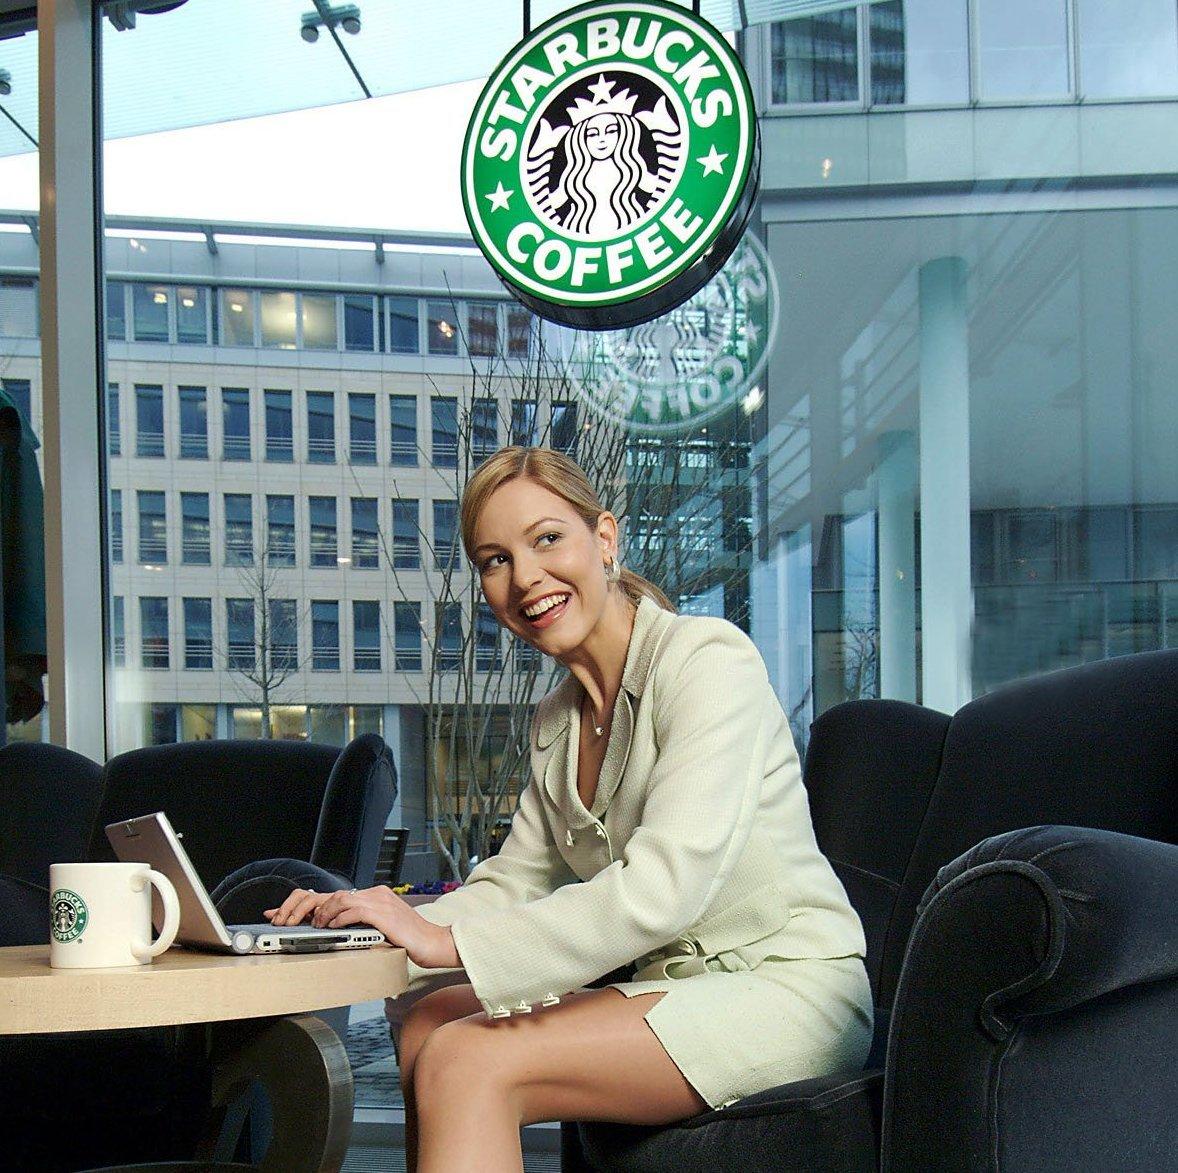 Hotspot in der Kaffeehauskette Starbucks: Die Bundesnetzagentur will große Hotspots künftig überwachen lassen, will aber private Anbiete wie Starbucks ausnehmen.